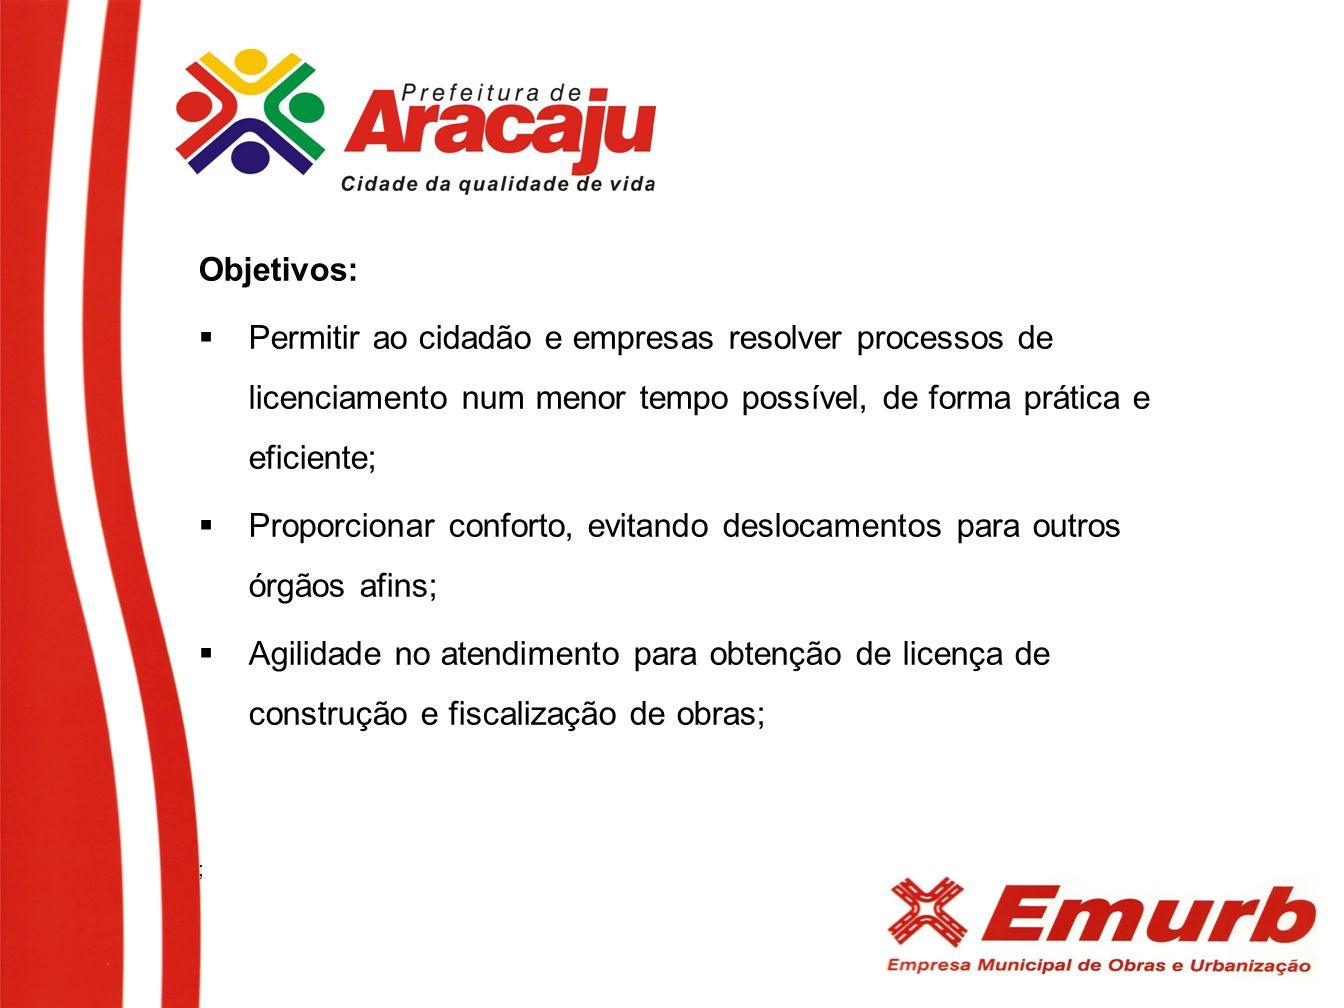 Objetivos:Permitir ao cidadão e empresas resolver processos de licenciamento num menor tempo possível, de forma prática e eficiente;